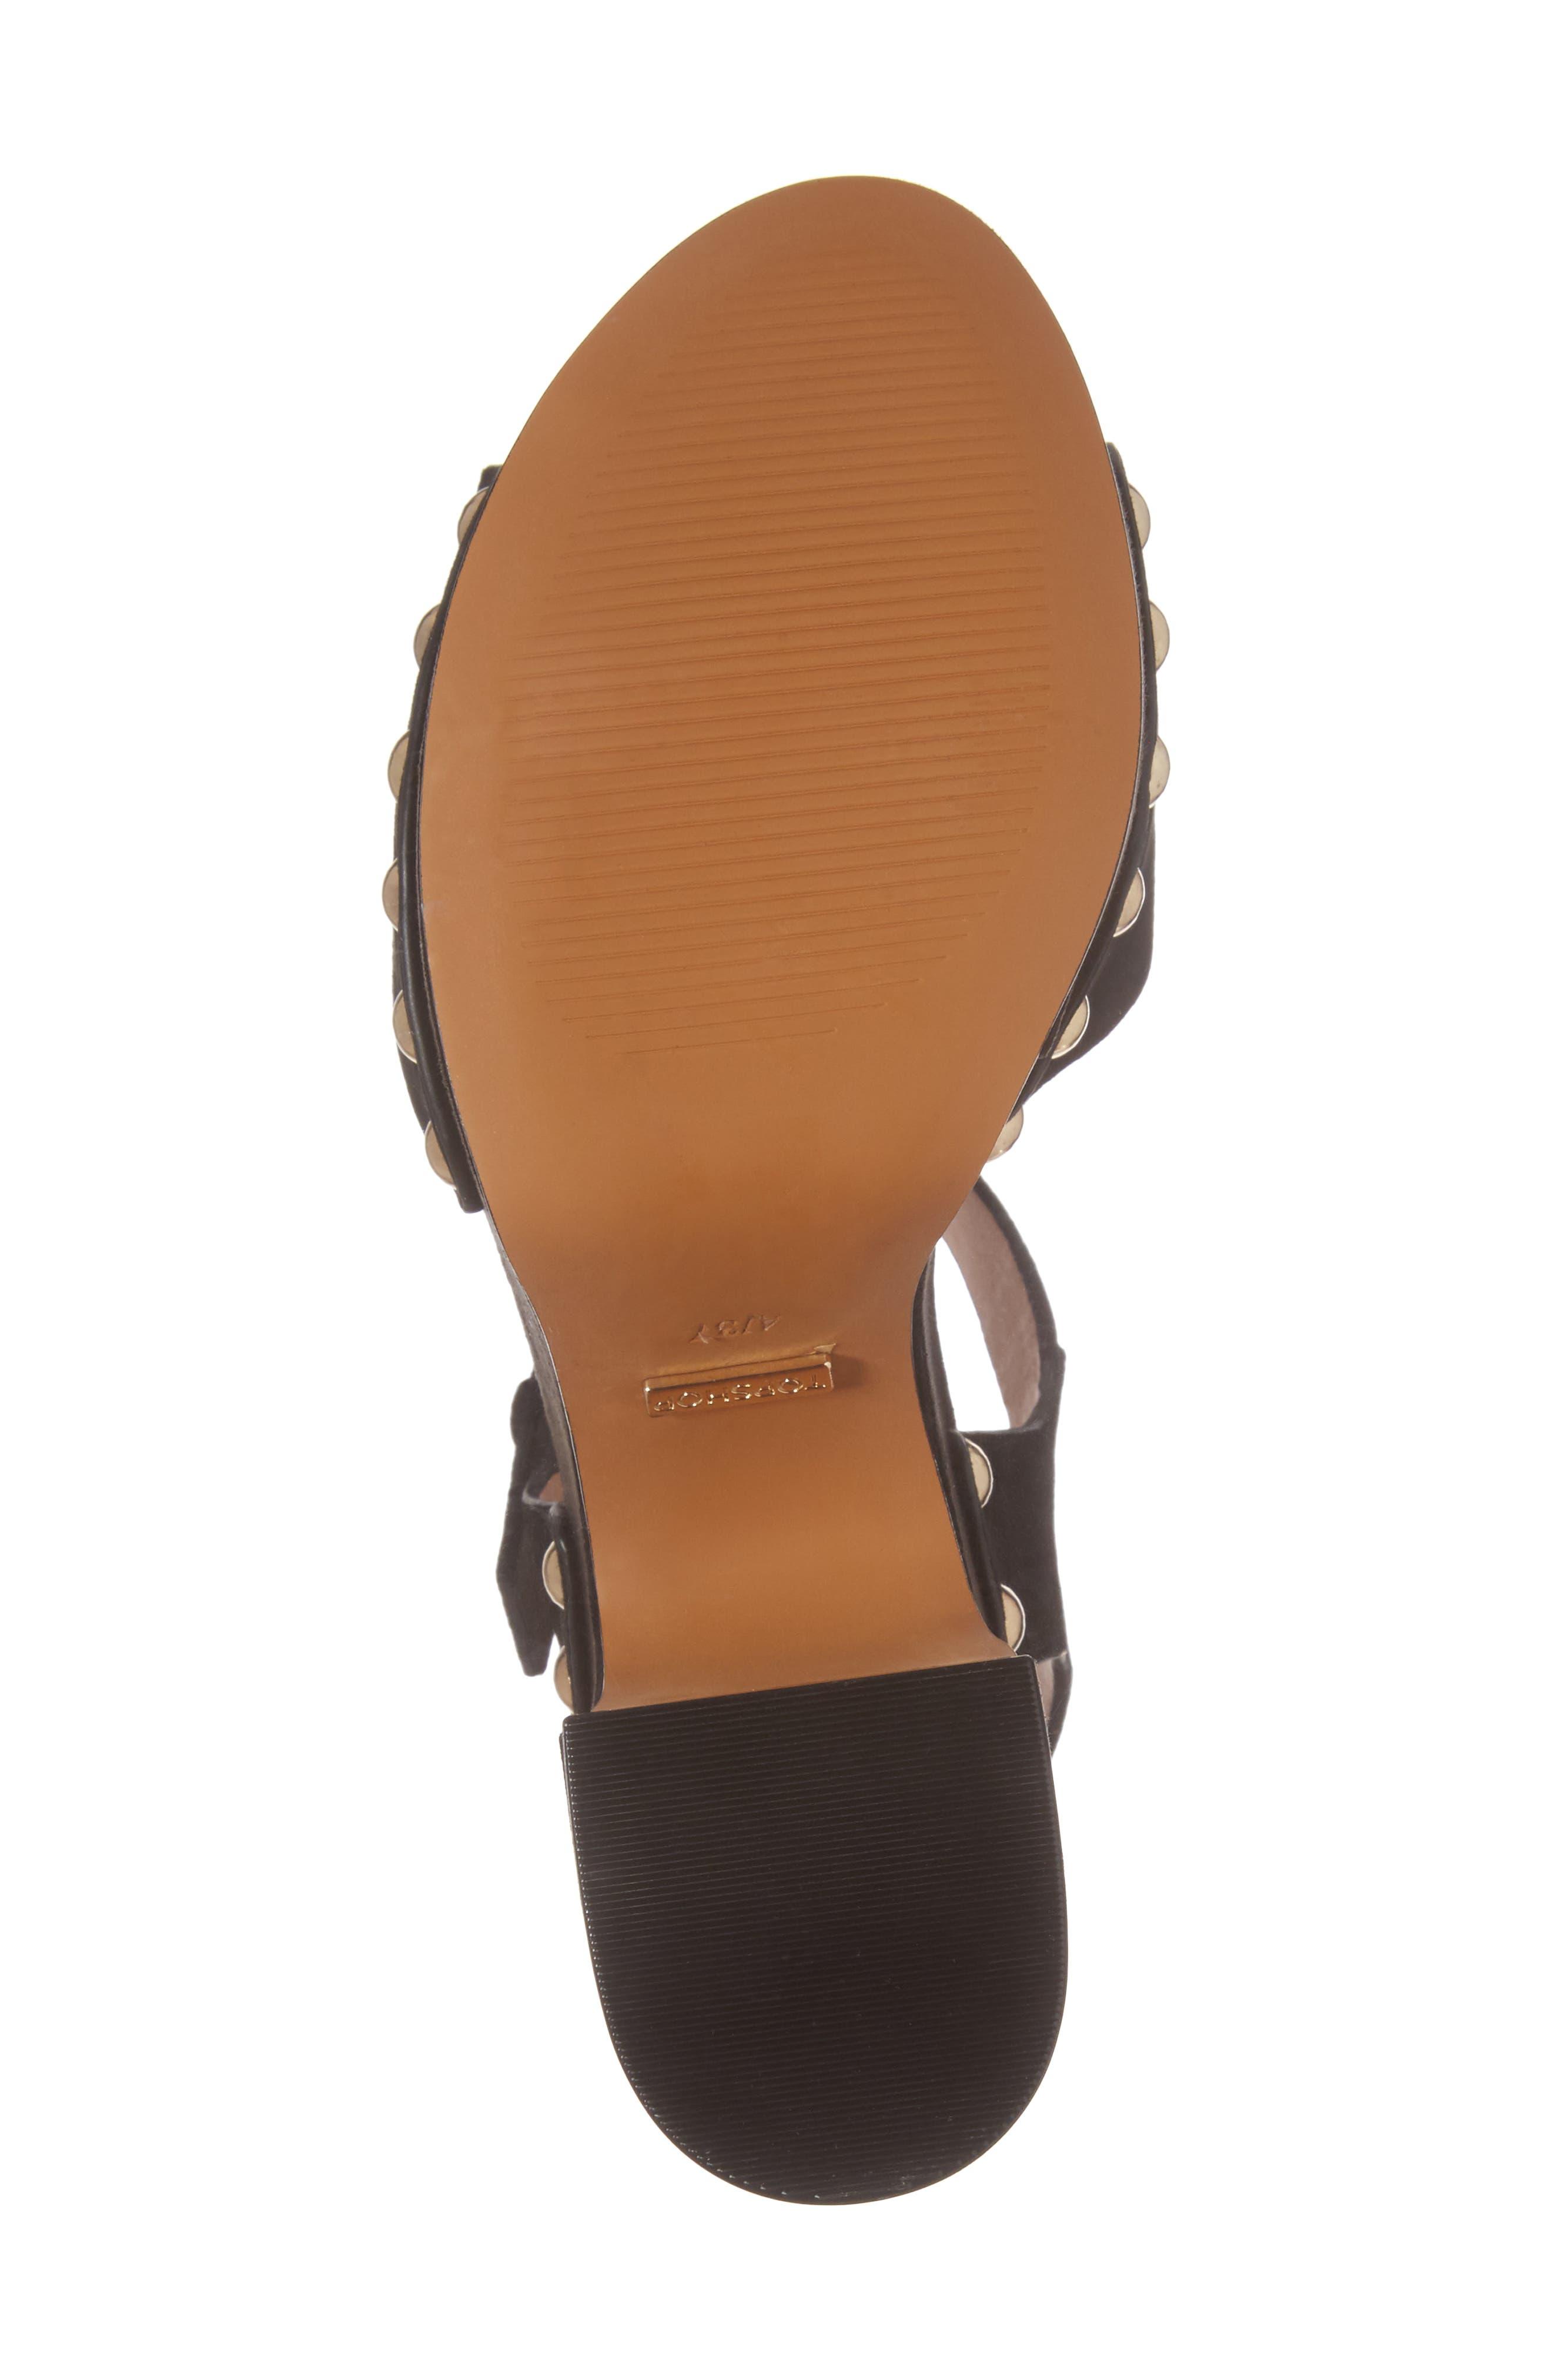 Lourdes Embroidered Platform Sandal,                             Alternate thumbnail 6, color,                             Solid Black